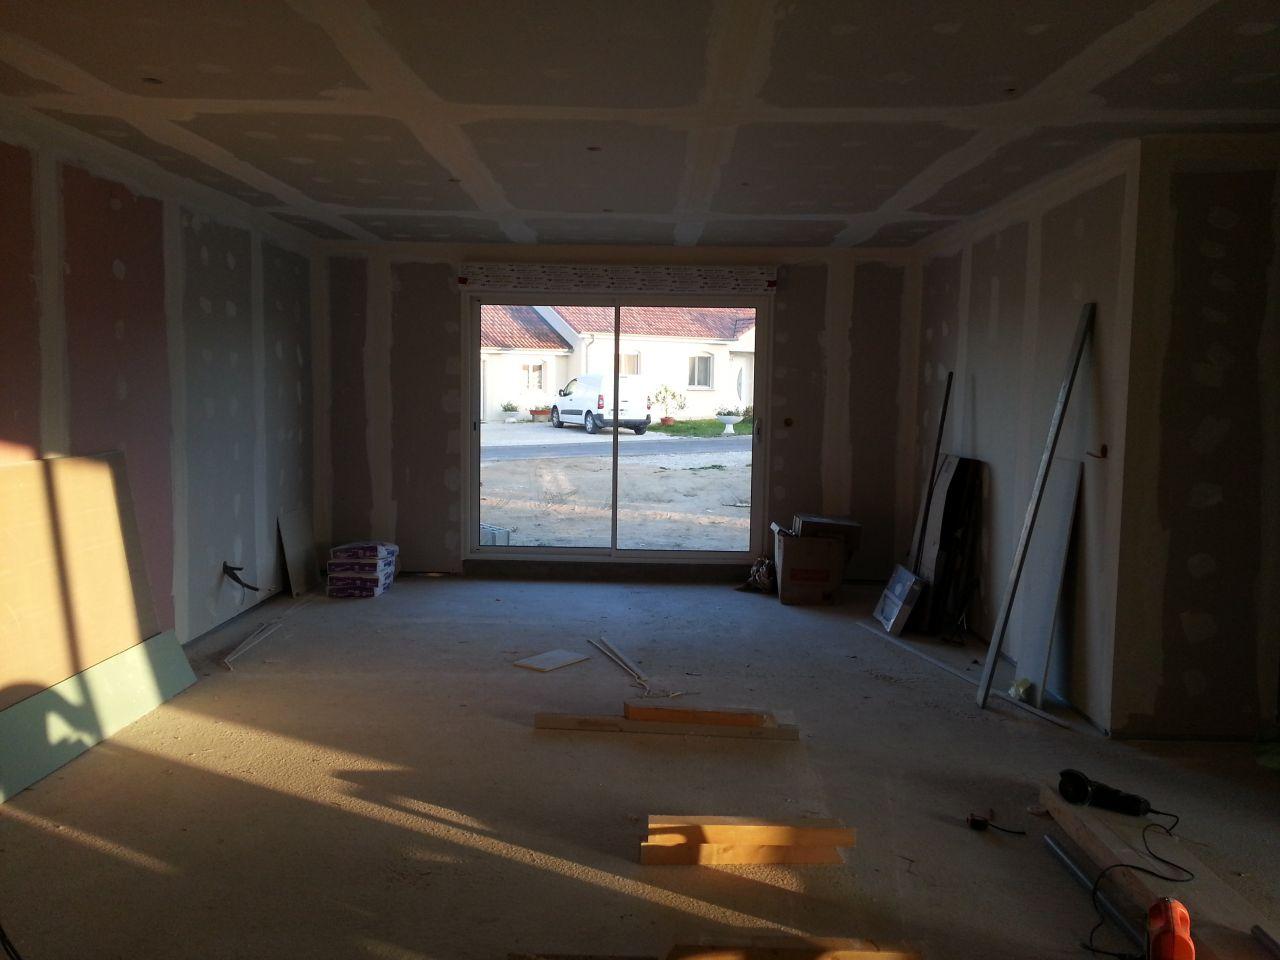 vue du salon depuis la salle à manger... il parait tout petit comme ça même s'il y a environ 4.70m de largeur.